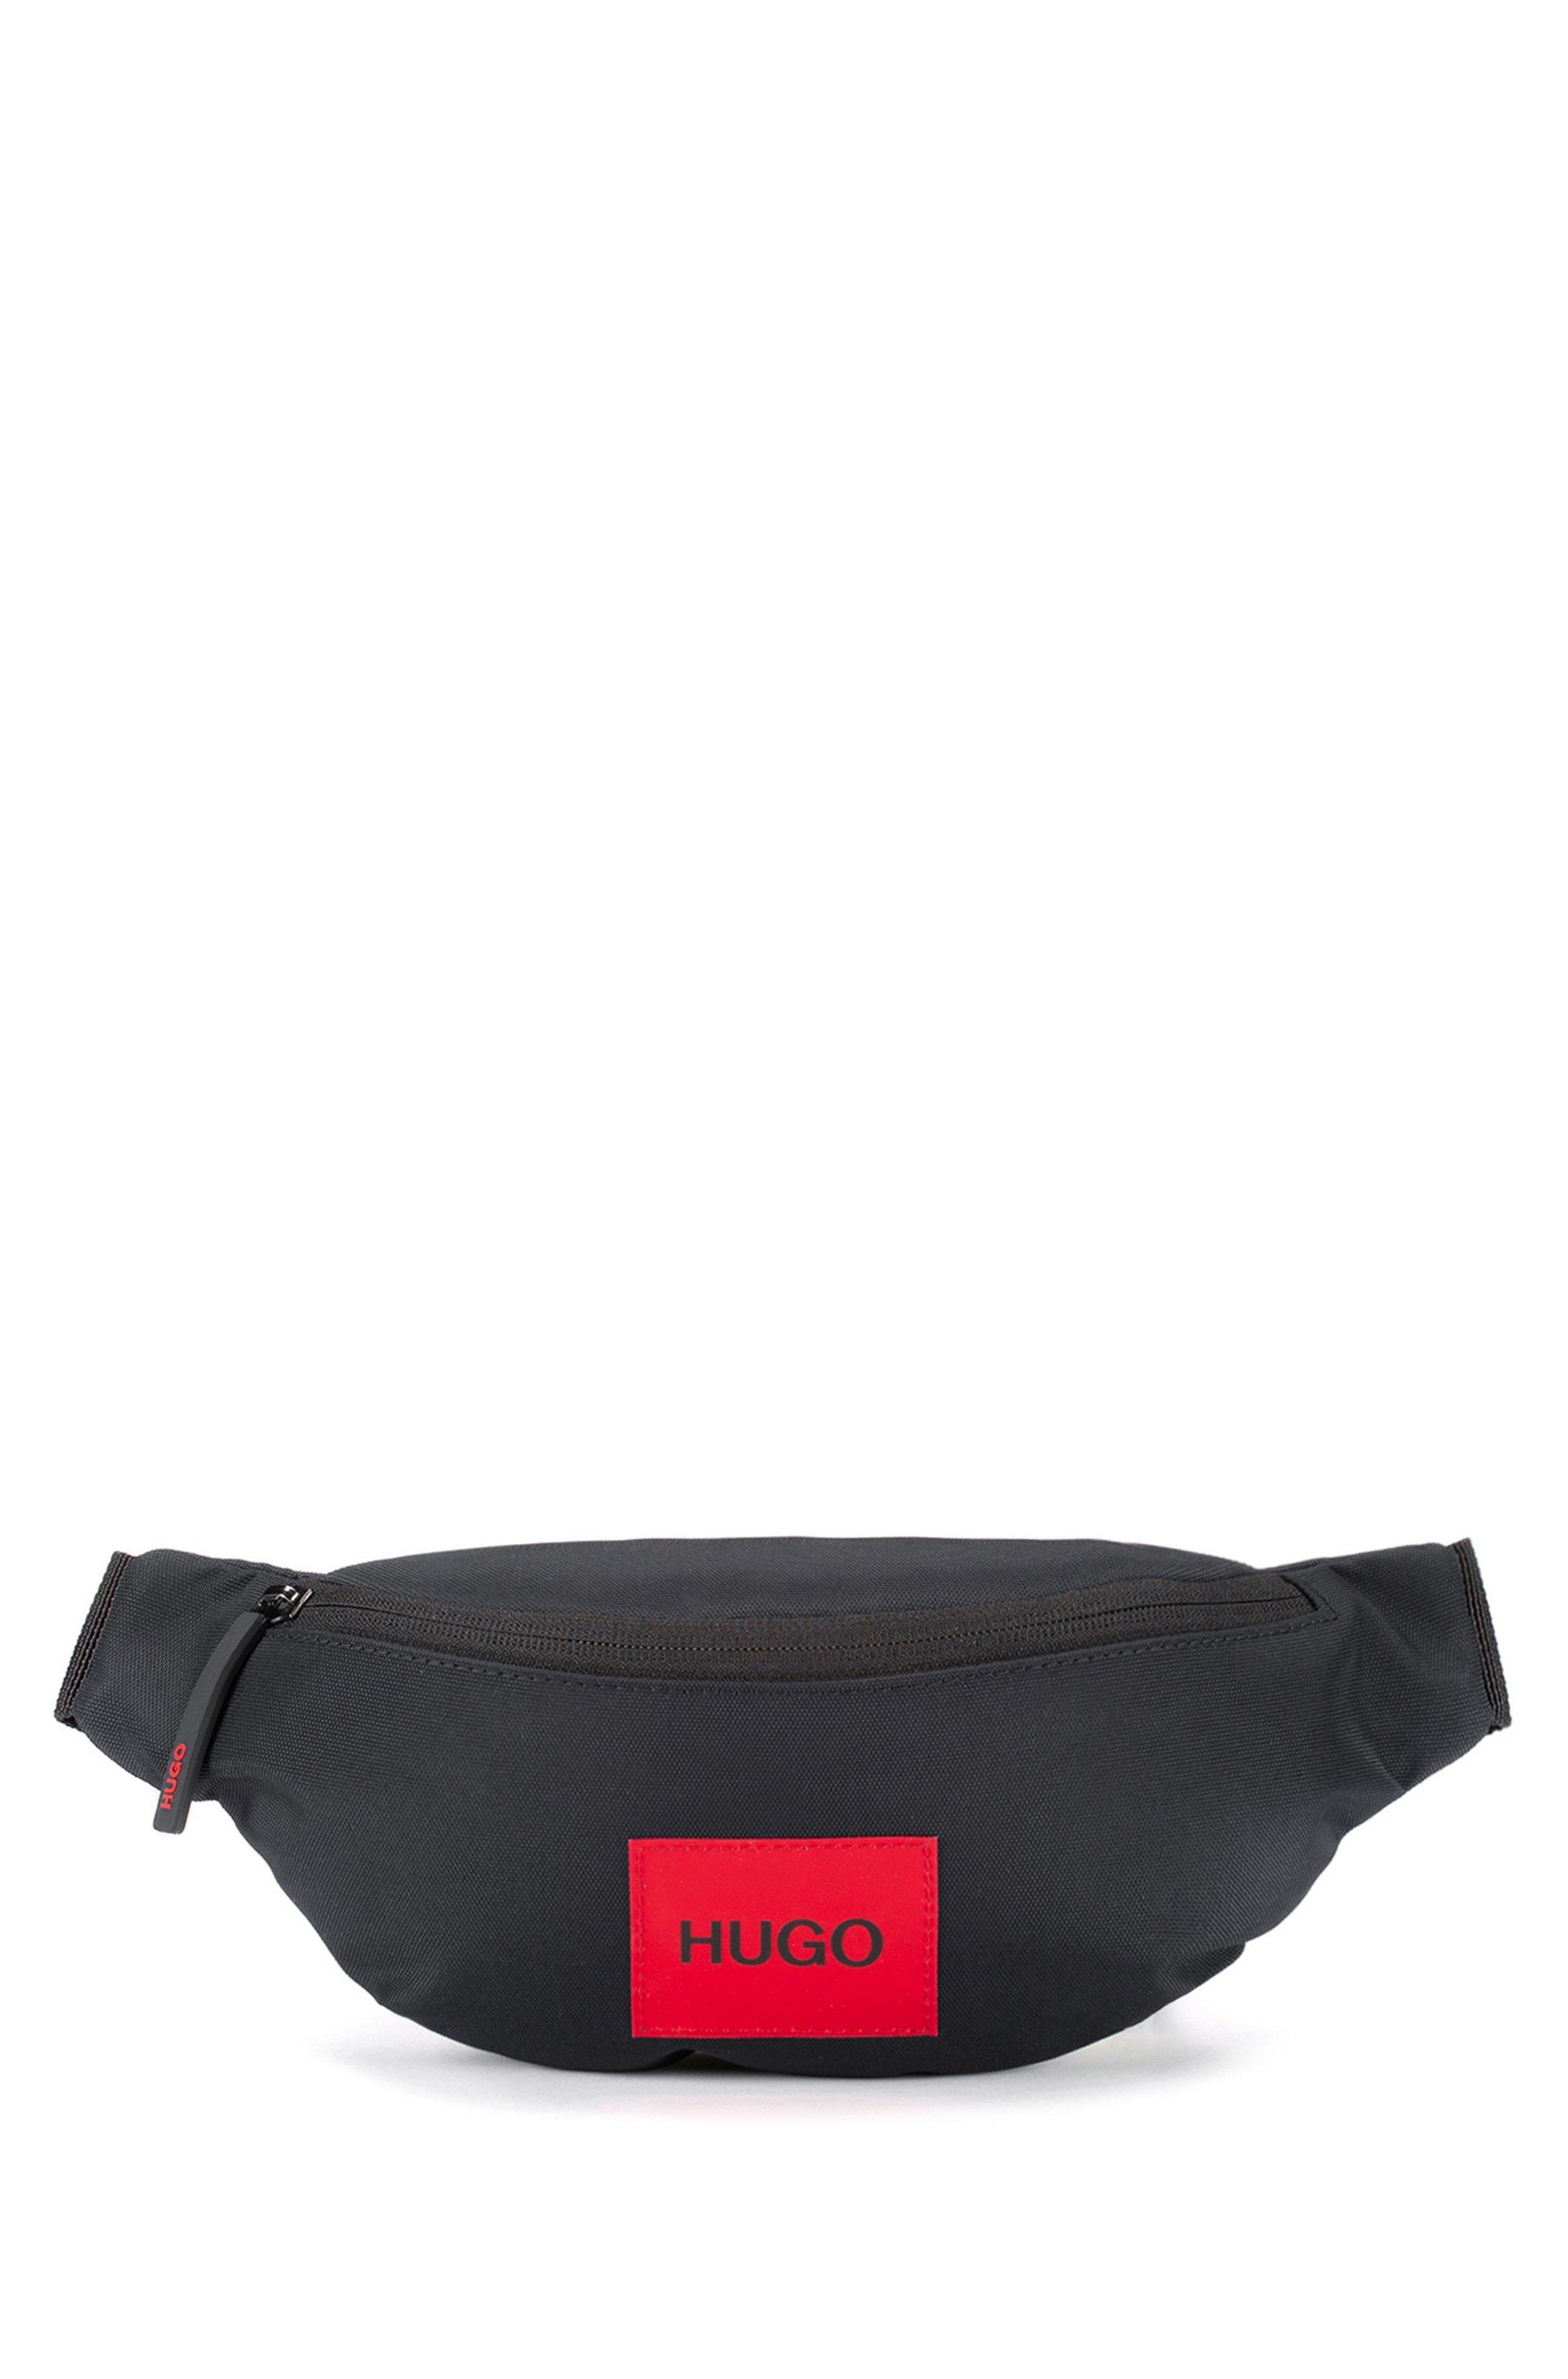 Sac ceinture en nylon recyclé avec étiquette logo rouge, Noir